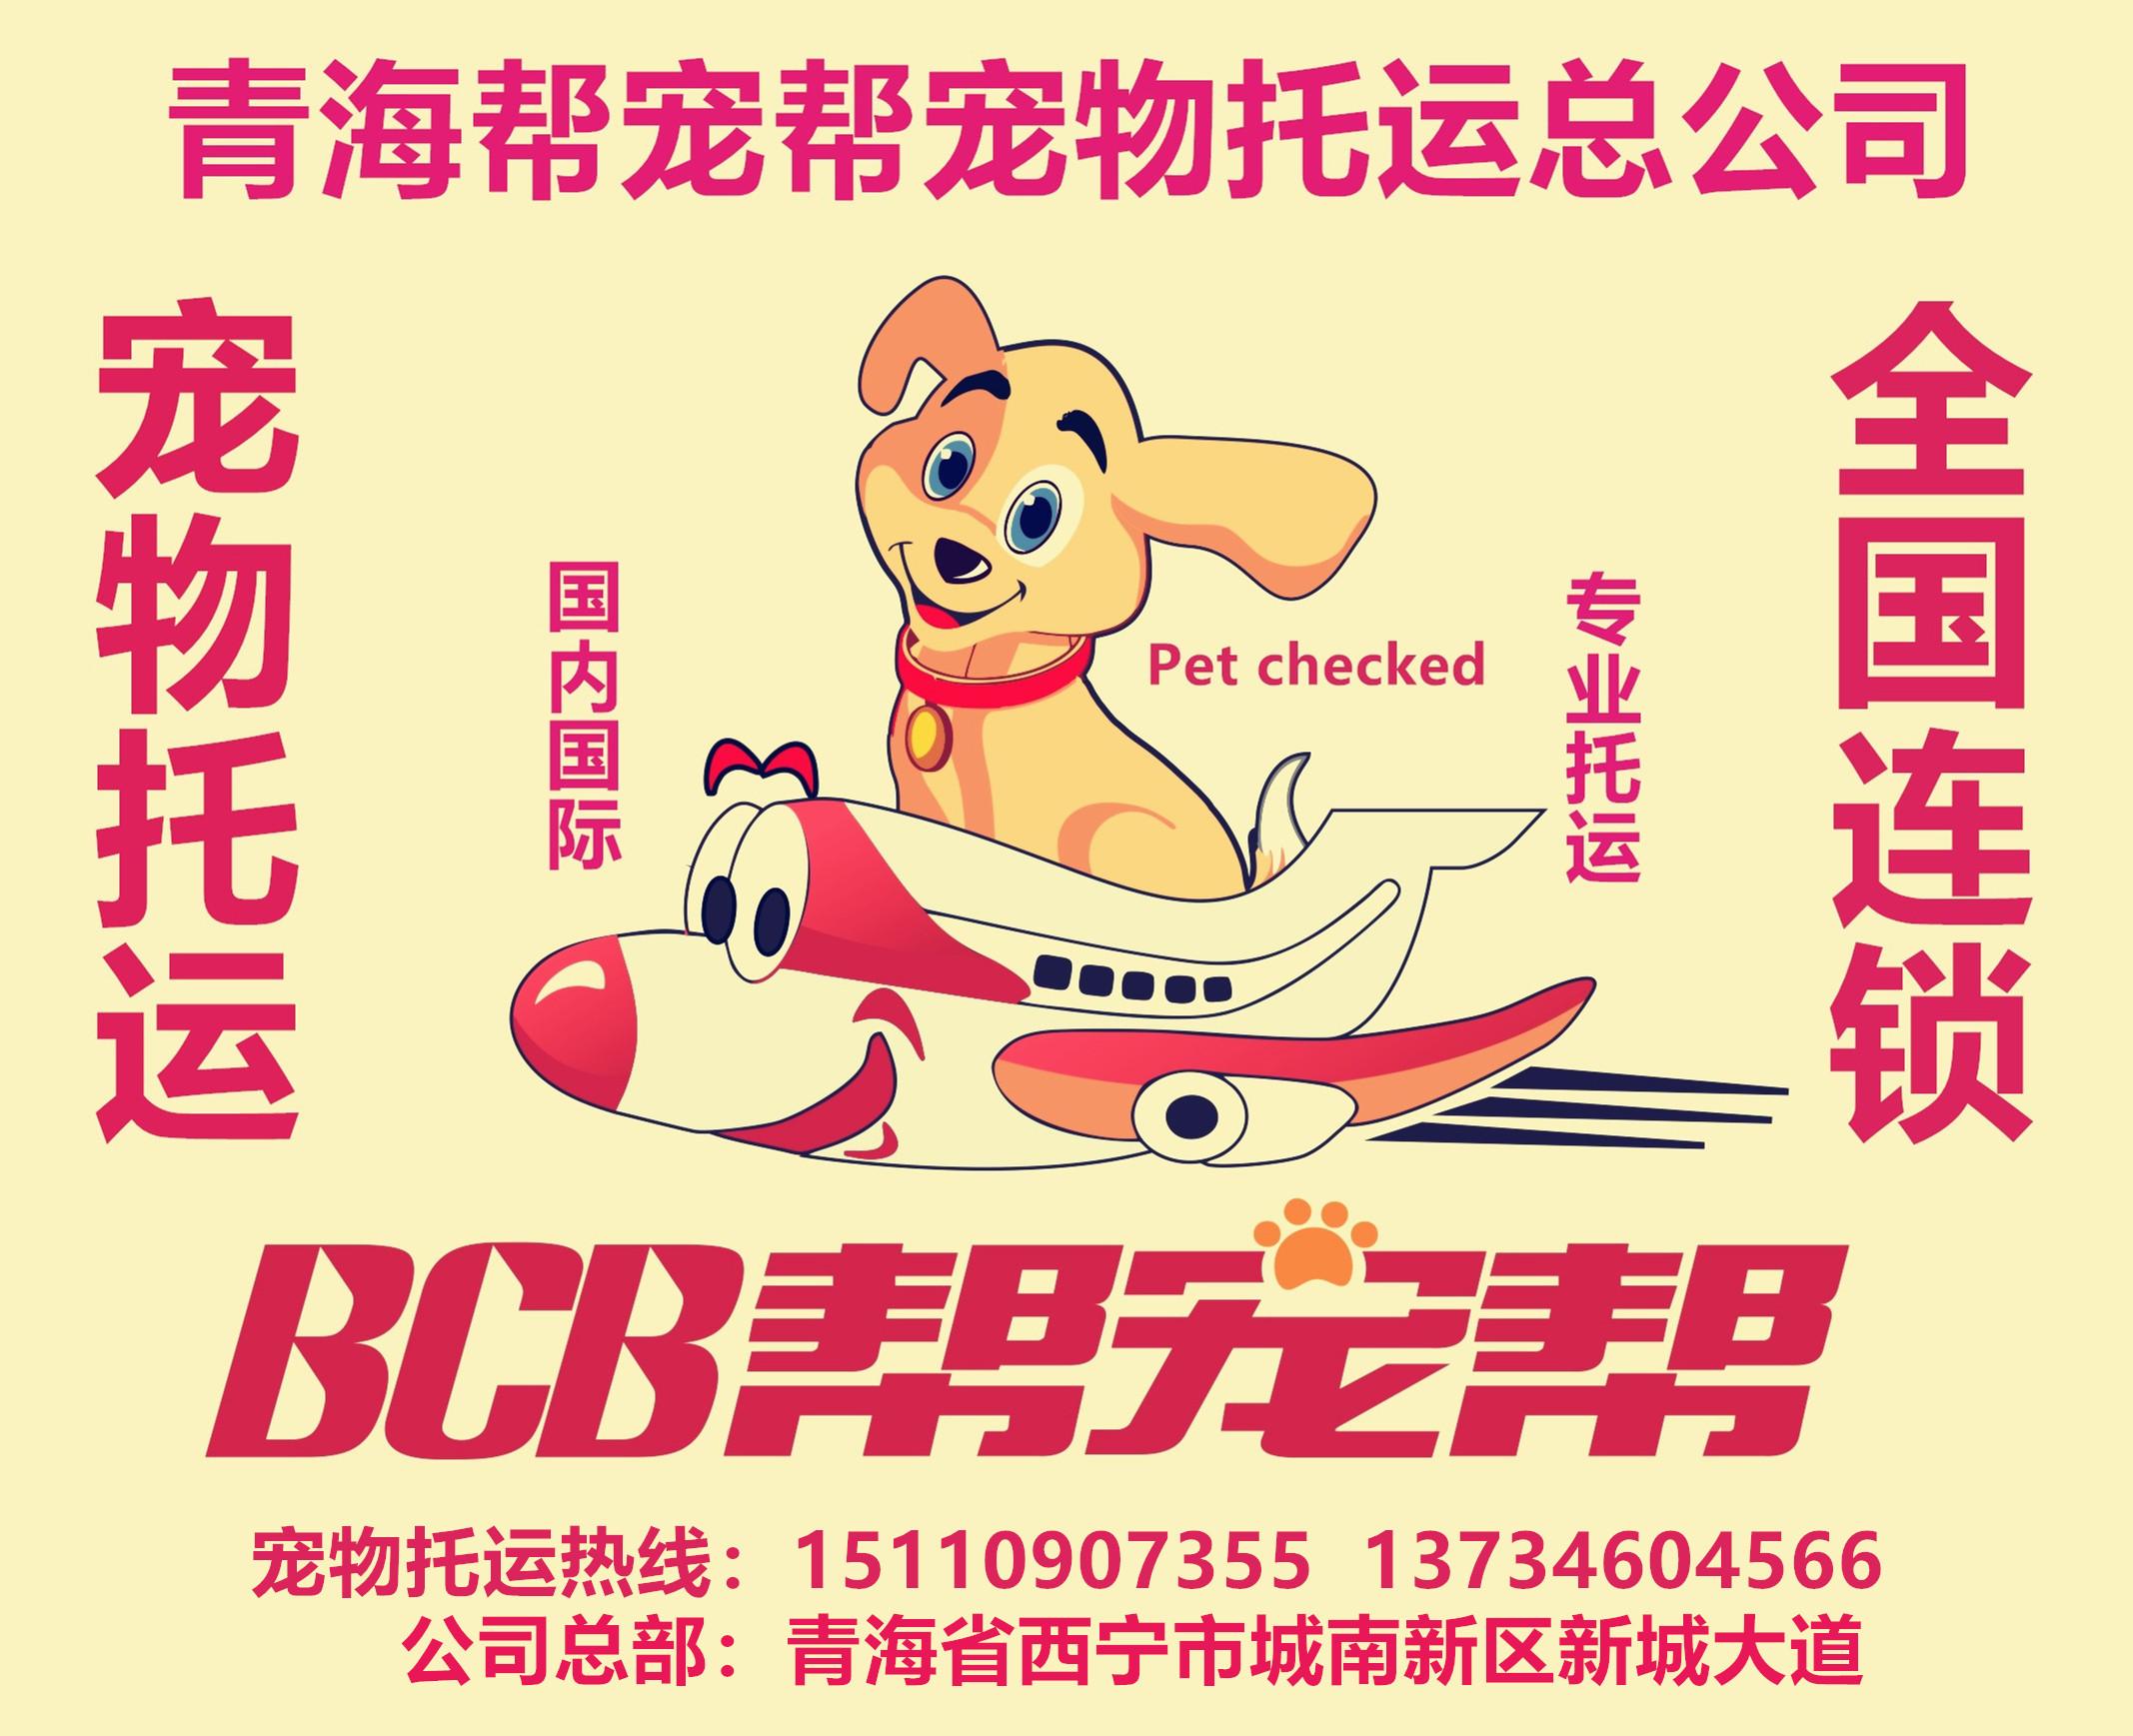 西宁帮宠帮宠物托运公司西宁早期的宠物托运公司